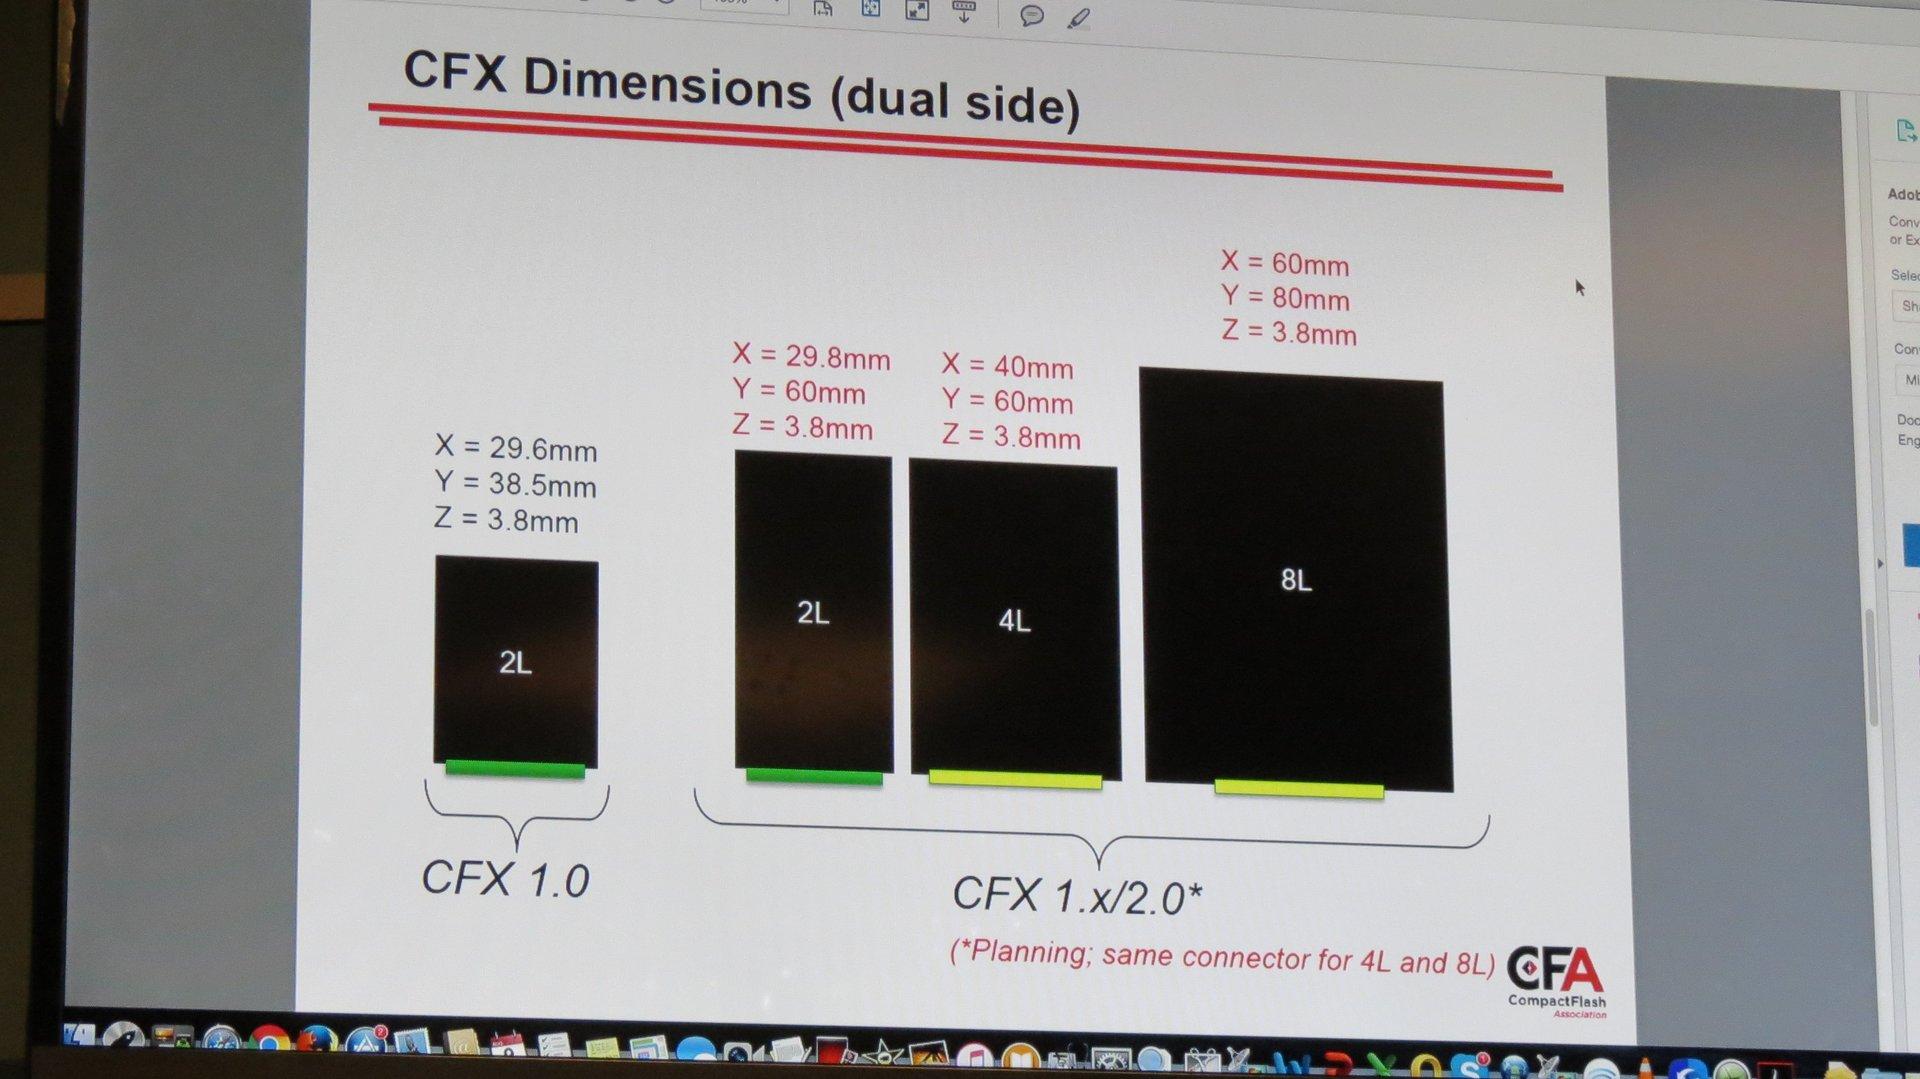 Ein Dokument beschreibt den CFX-Standard